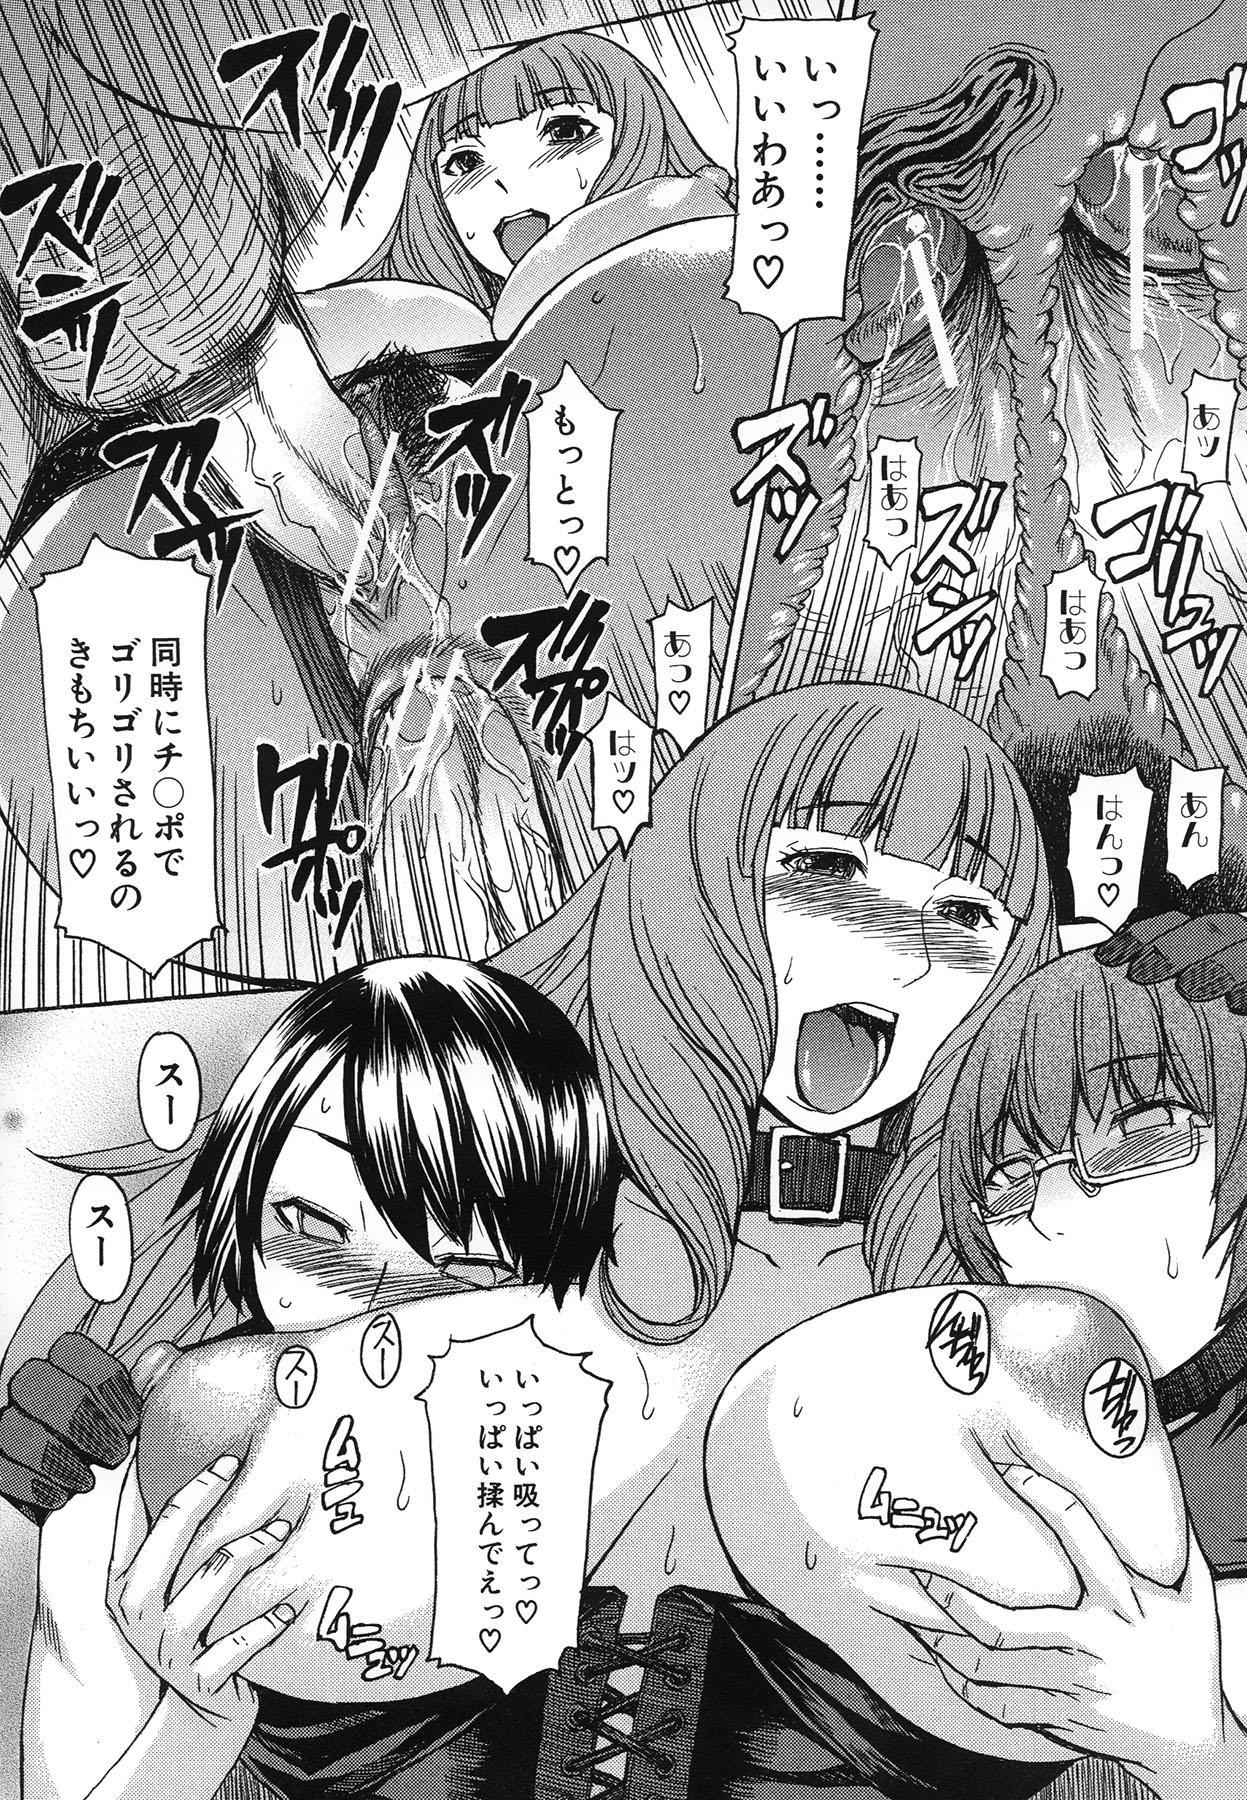 Ashigami 183